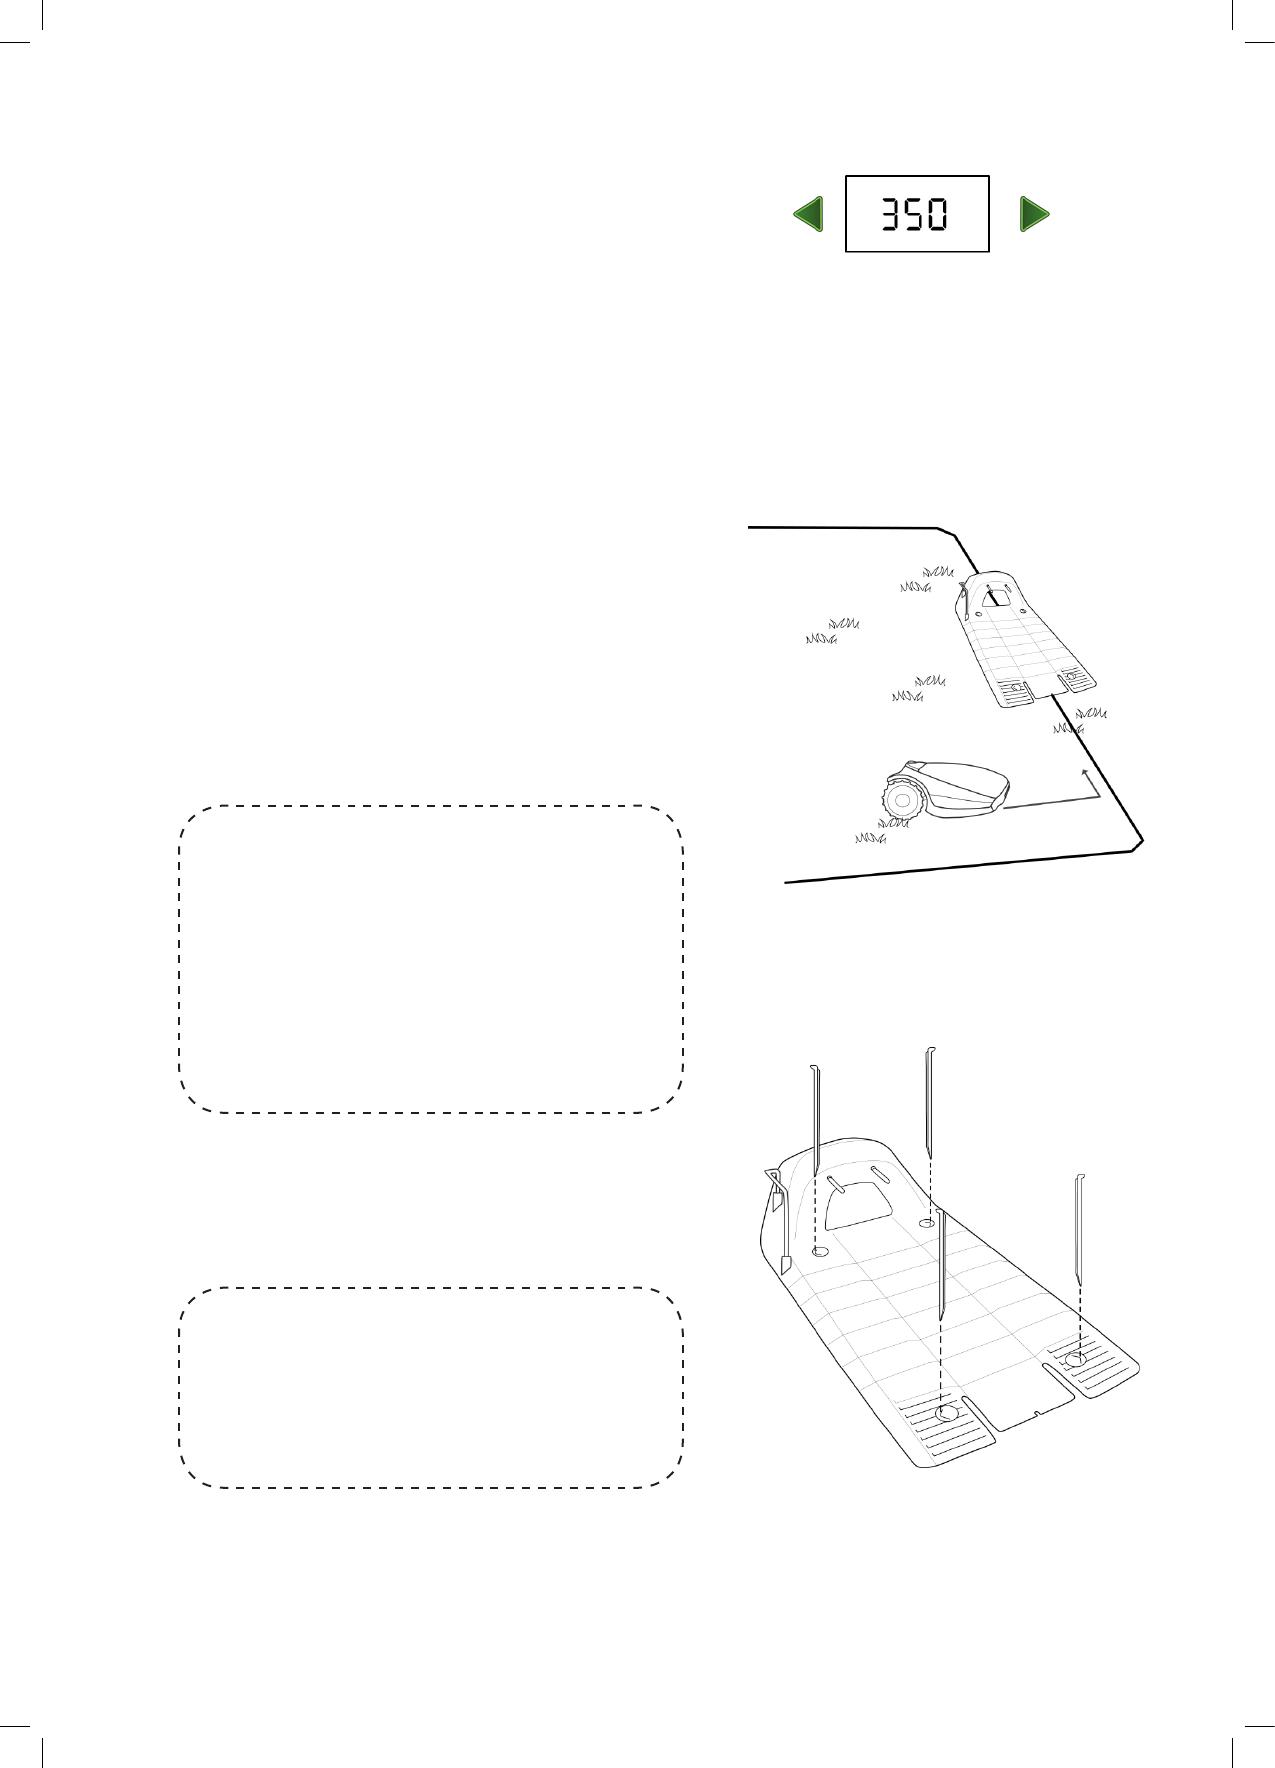 Bedienungsanleitung Robomow MC500 (Seite 28 von 50) (Deutsch)